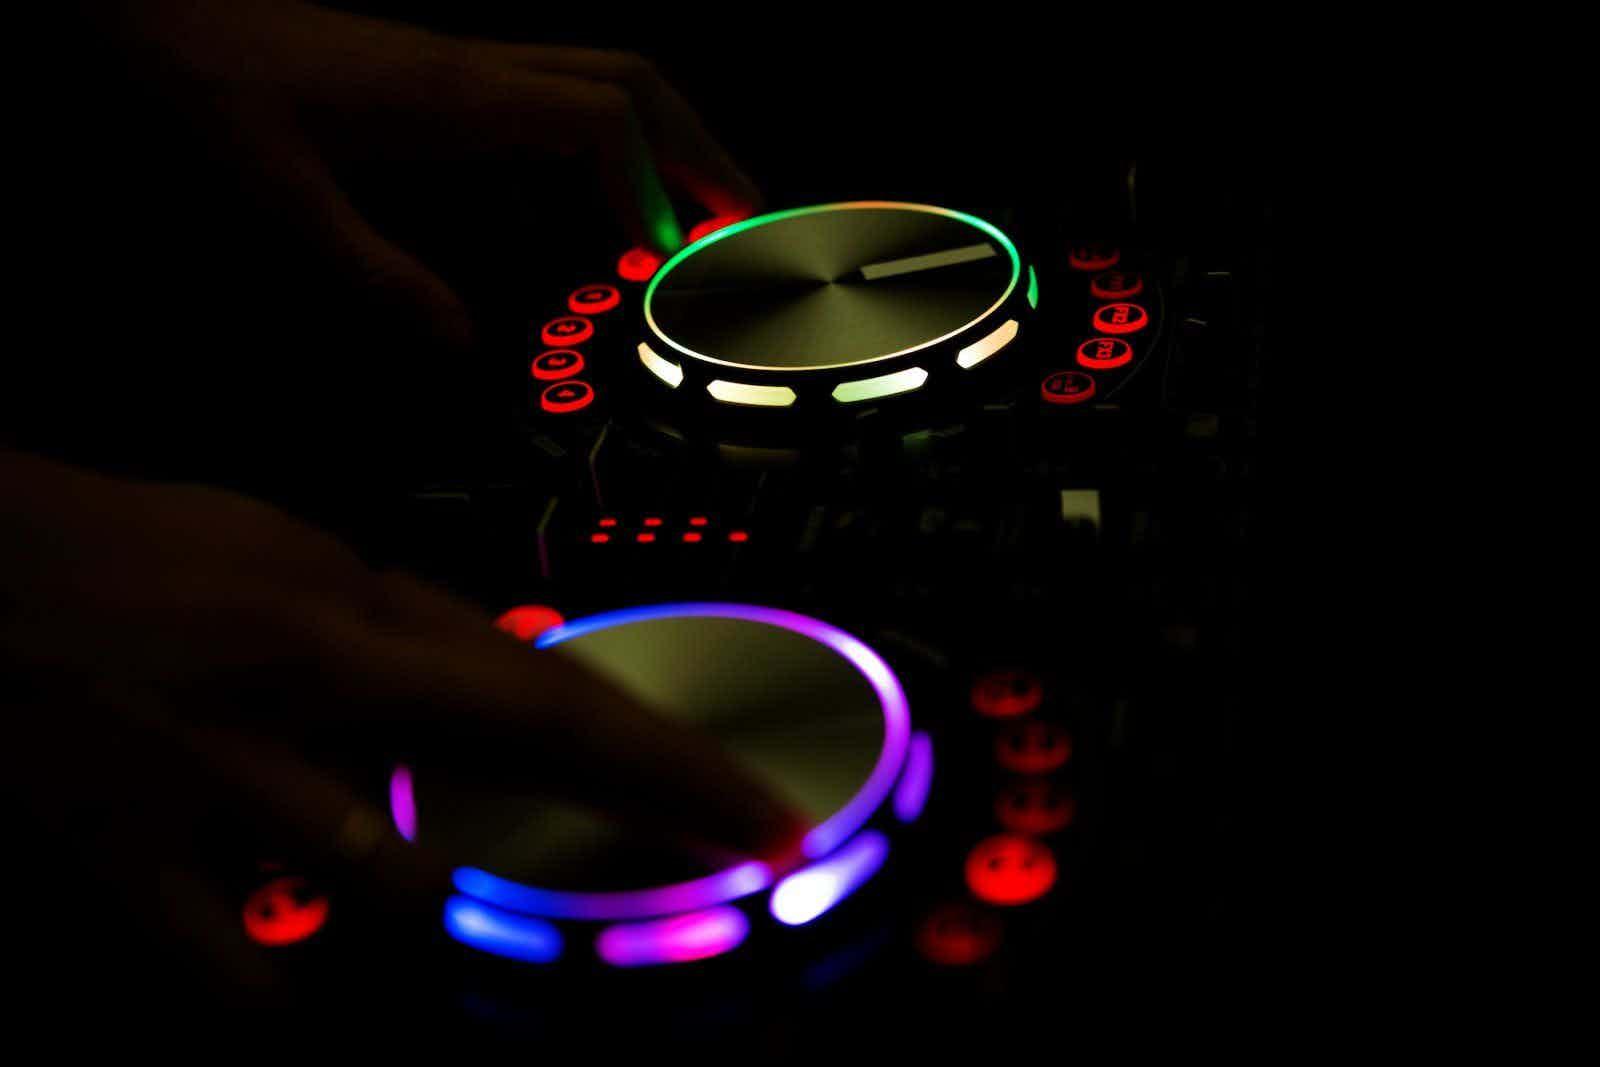 verlicht-dj-mixpaneel.jpg